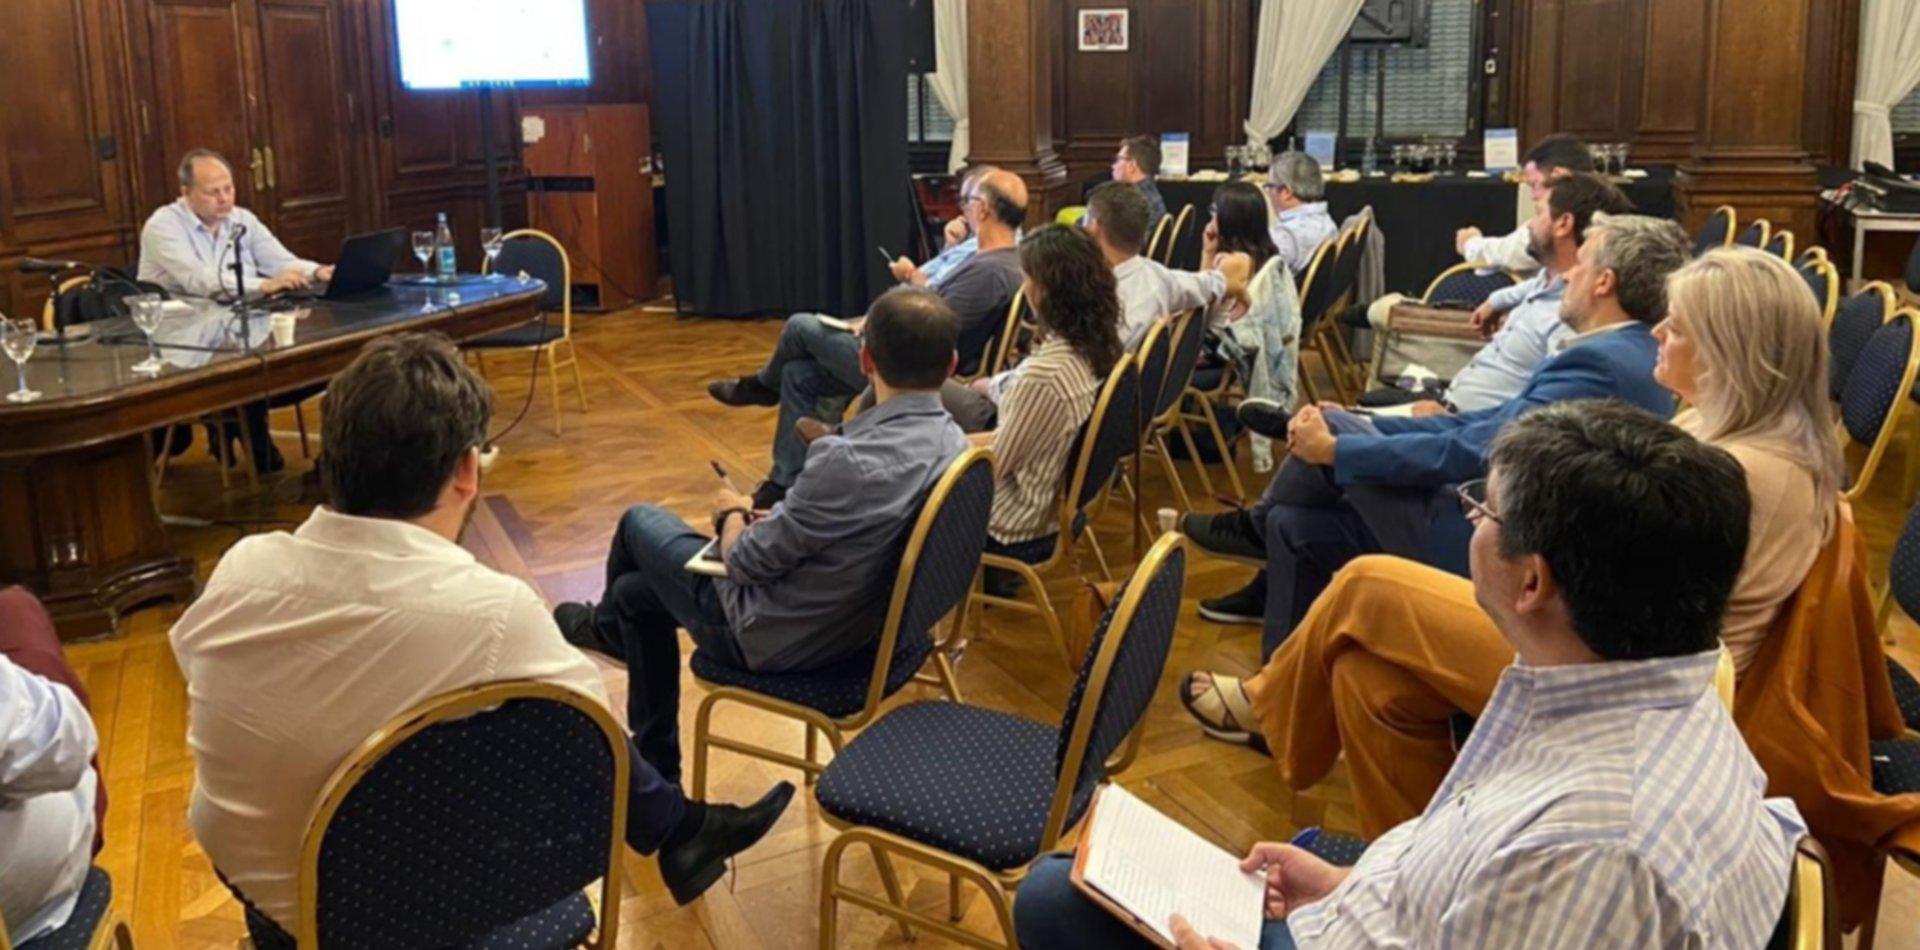 Gestión de portales de noticias: nueva capacitación de la Asociación de Periodismo Digital